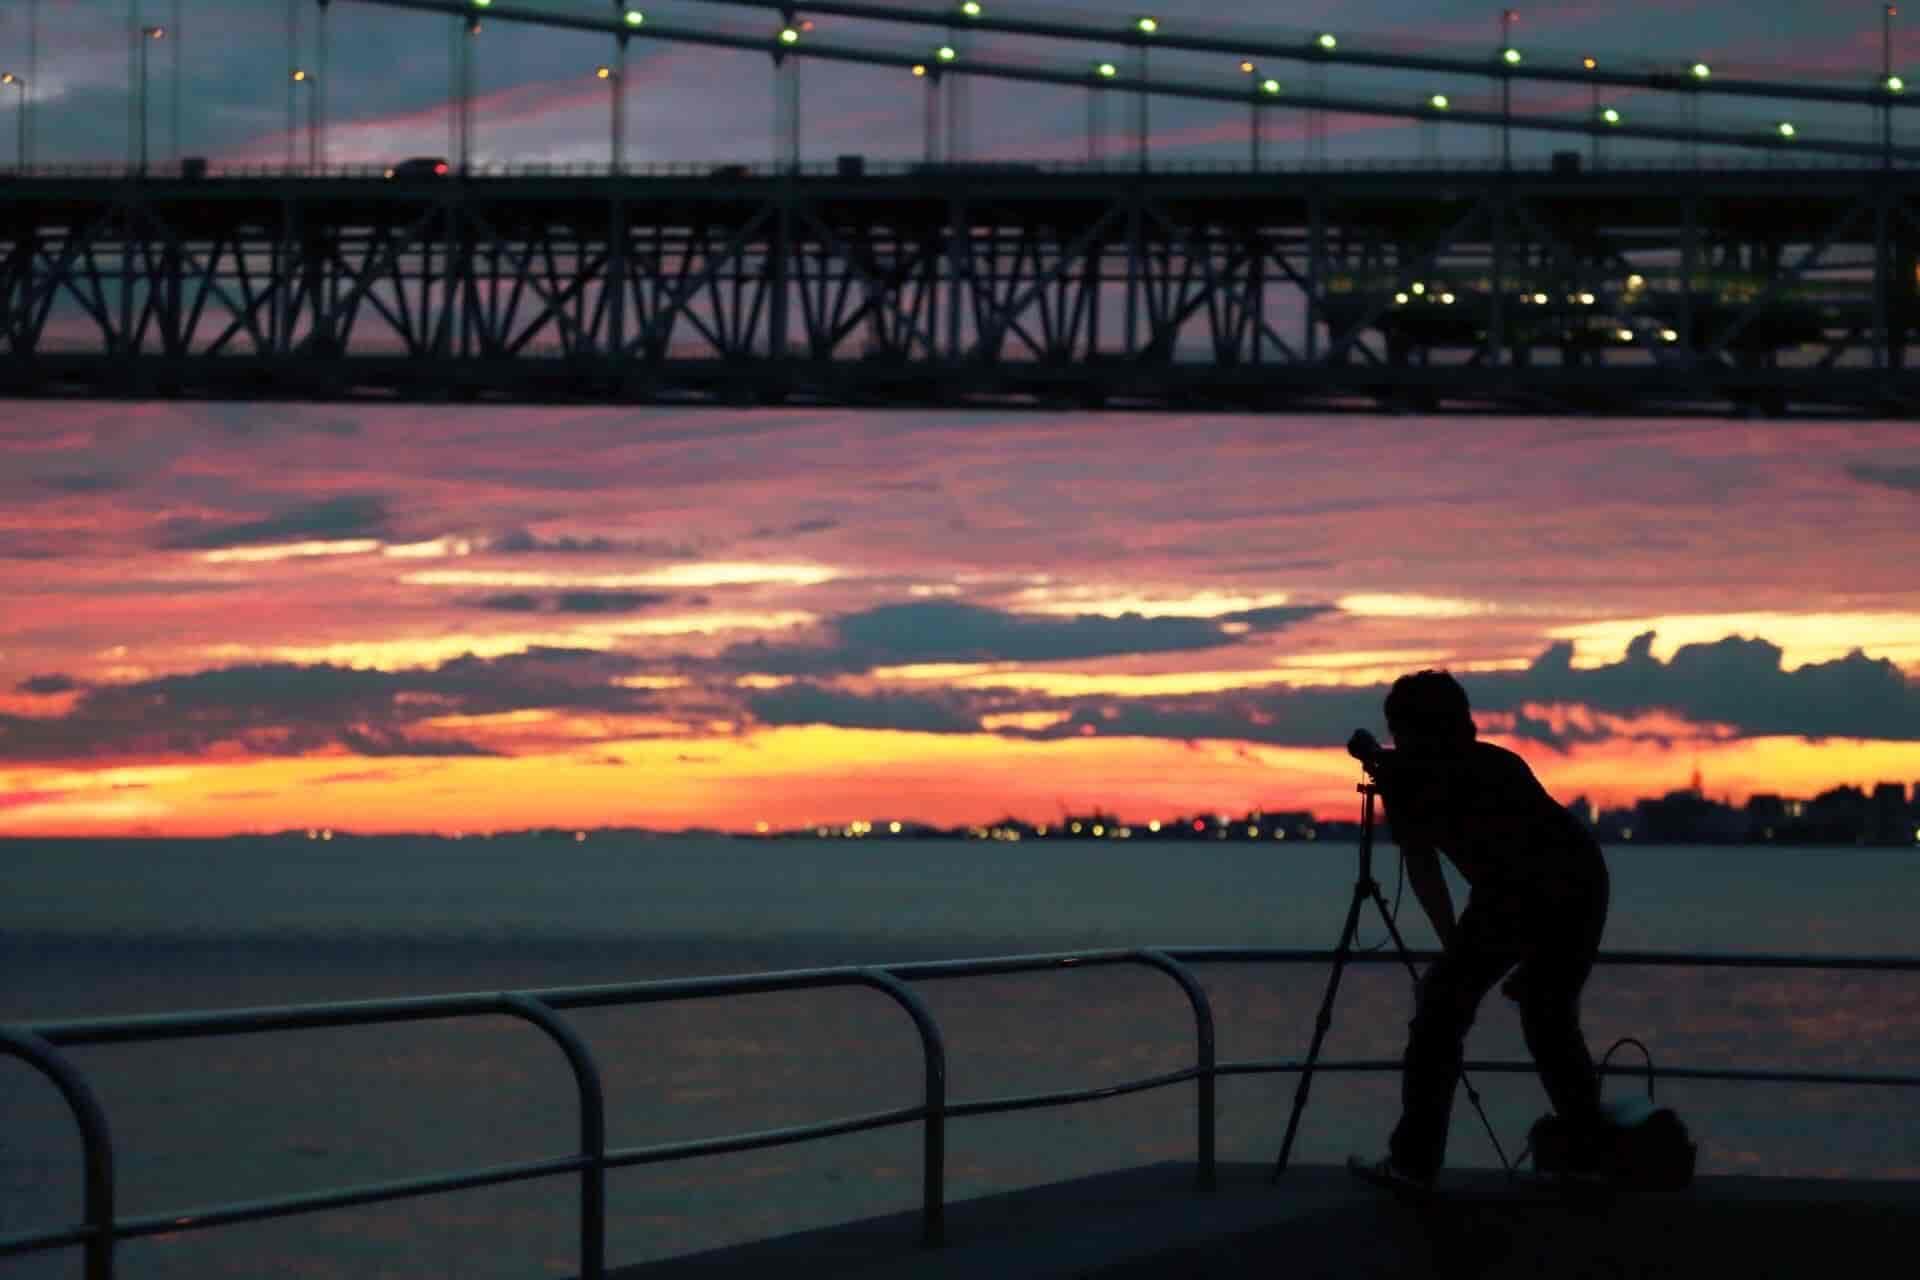 ラブ探偵事務所と他社の千葉県富里市での夜間暗視撮影